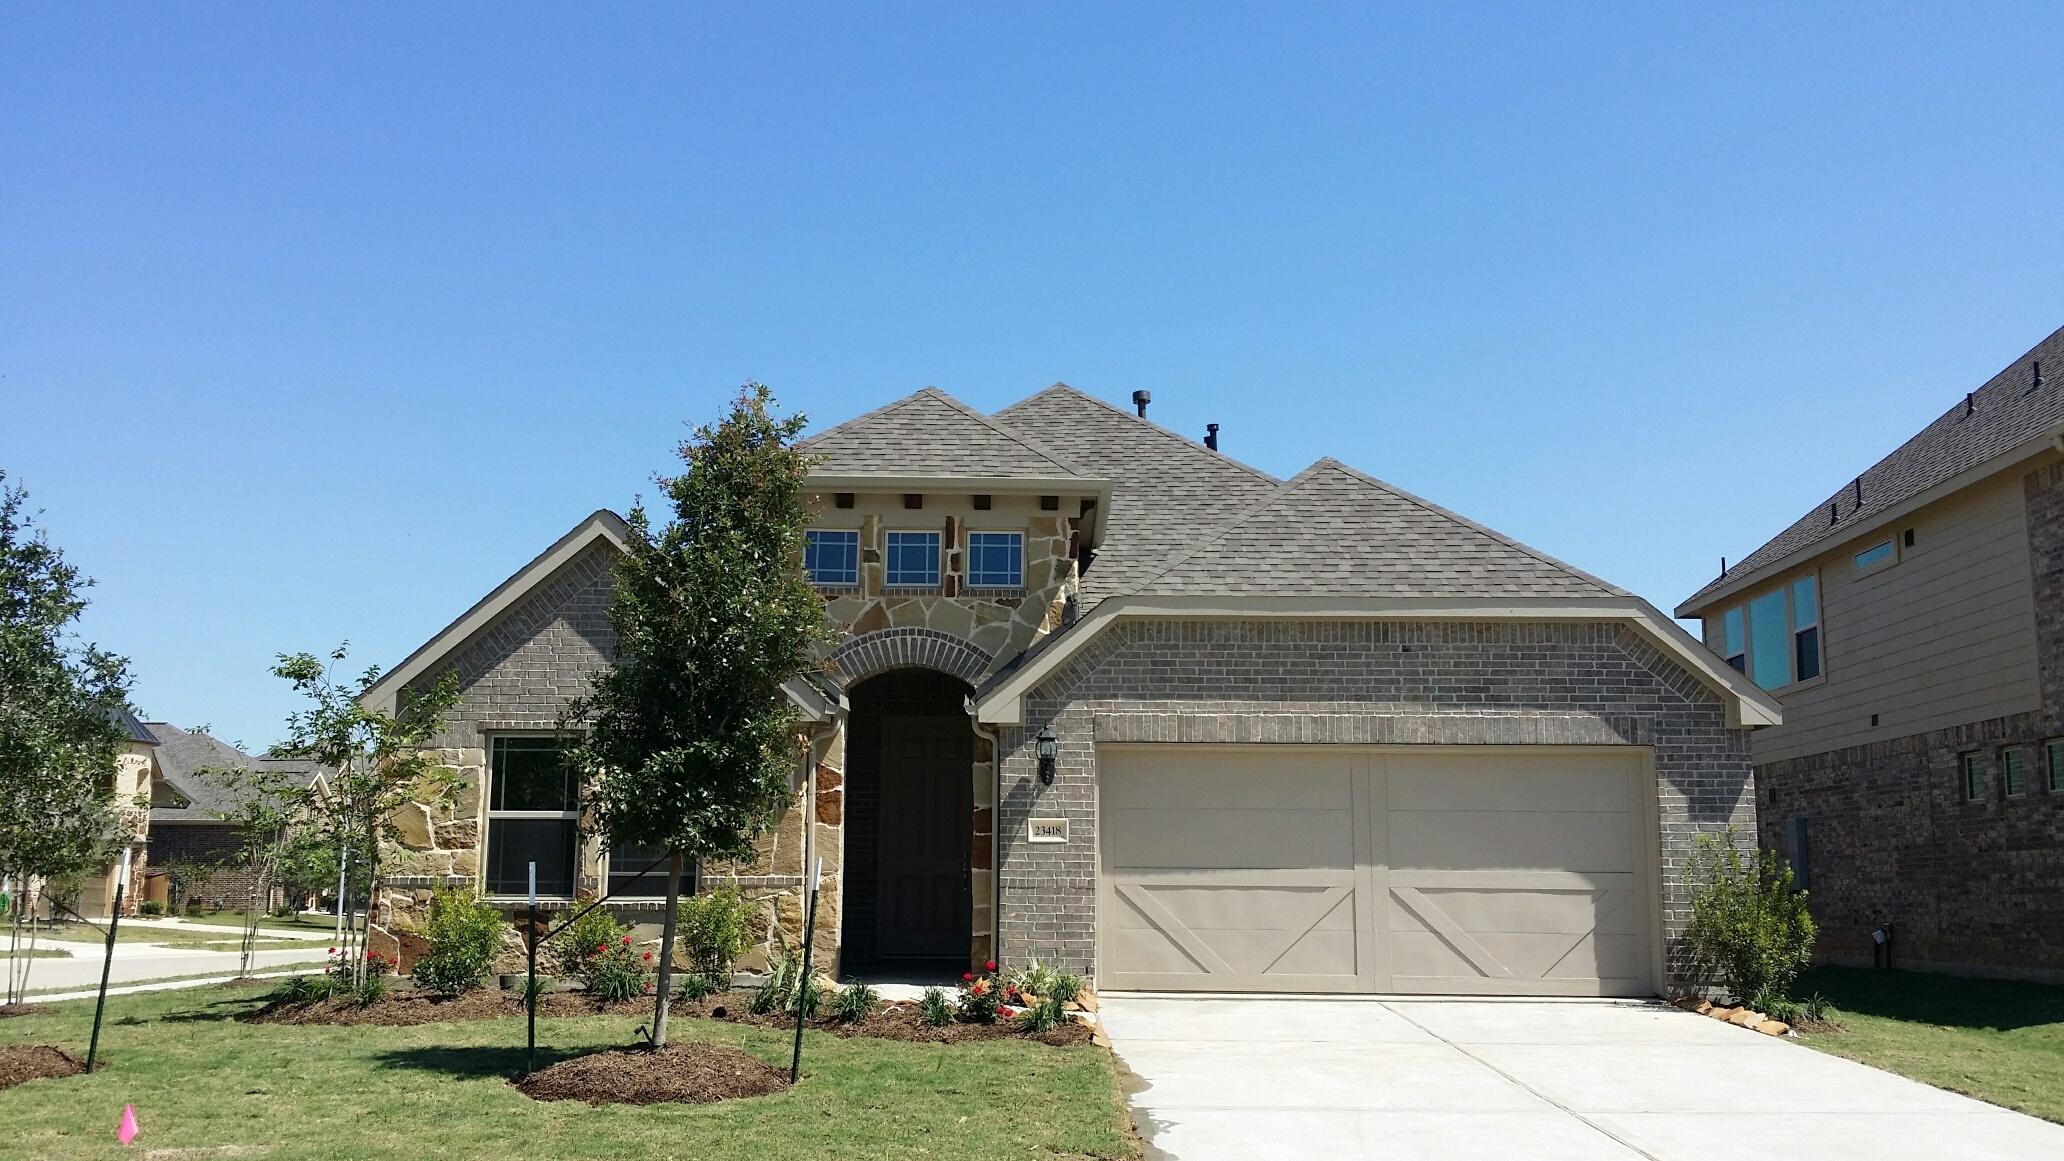 New Home for sale @ 23418 SAN RICCI, Richmond, TX 77406